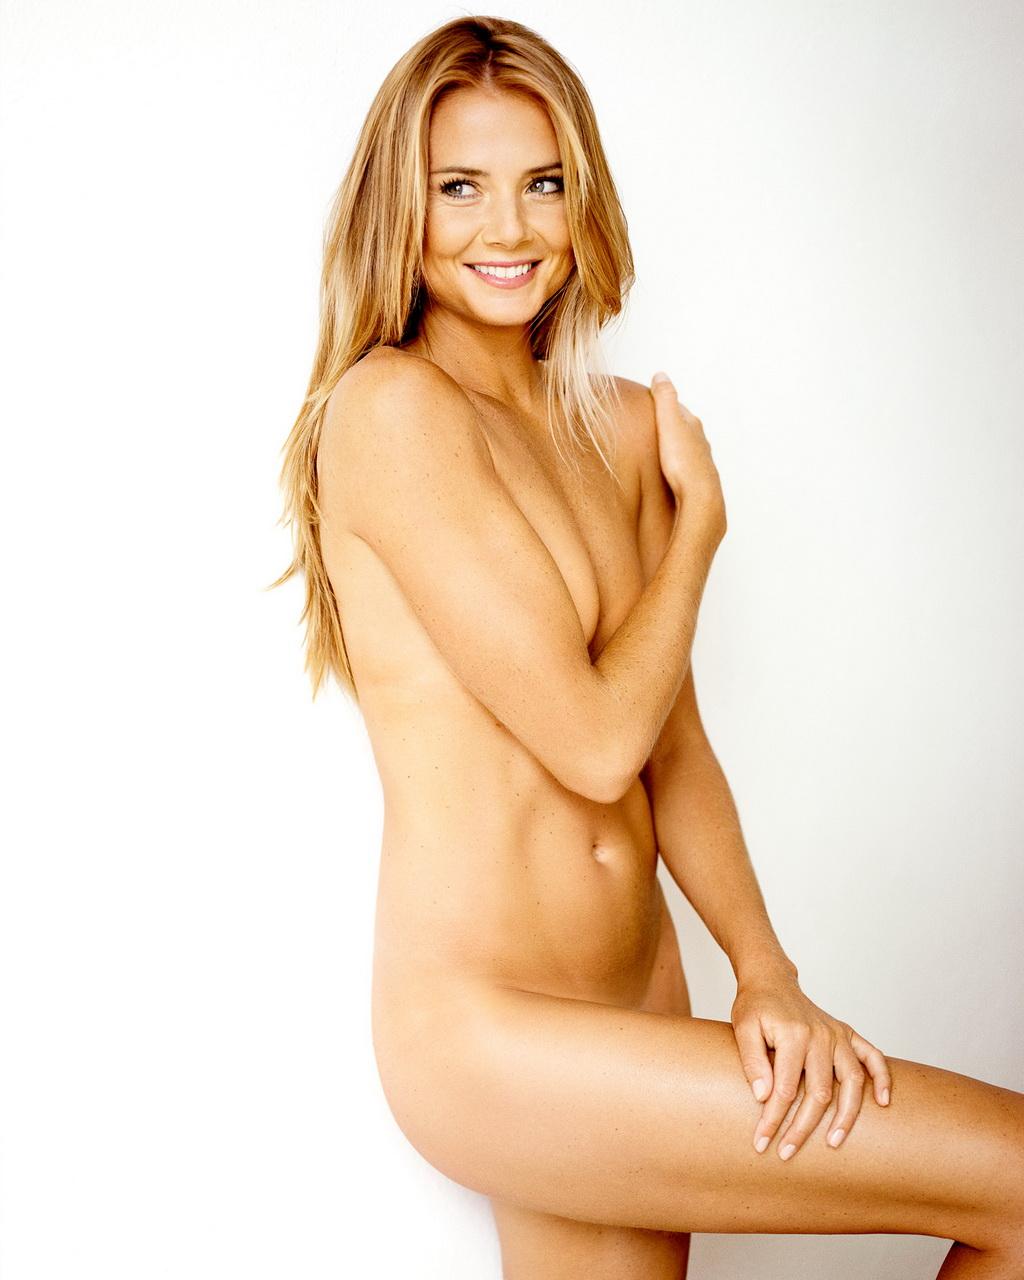 http://3.bp.blogspot.com/-MhIiPAG75hE/UABxjimqs-I/AAAAAAAAAAY/RgEQjeI636U/s1600/daniela+hantuchova+naked.jpg